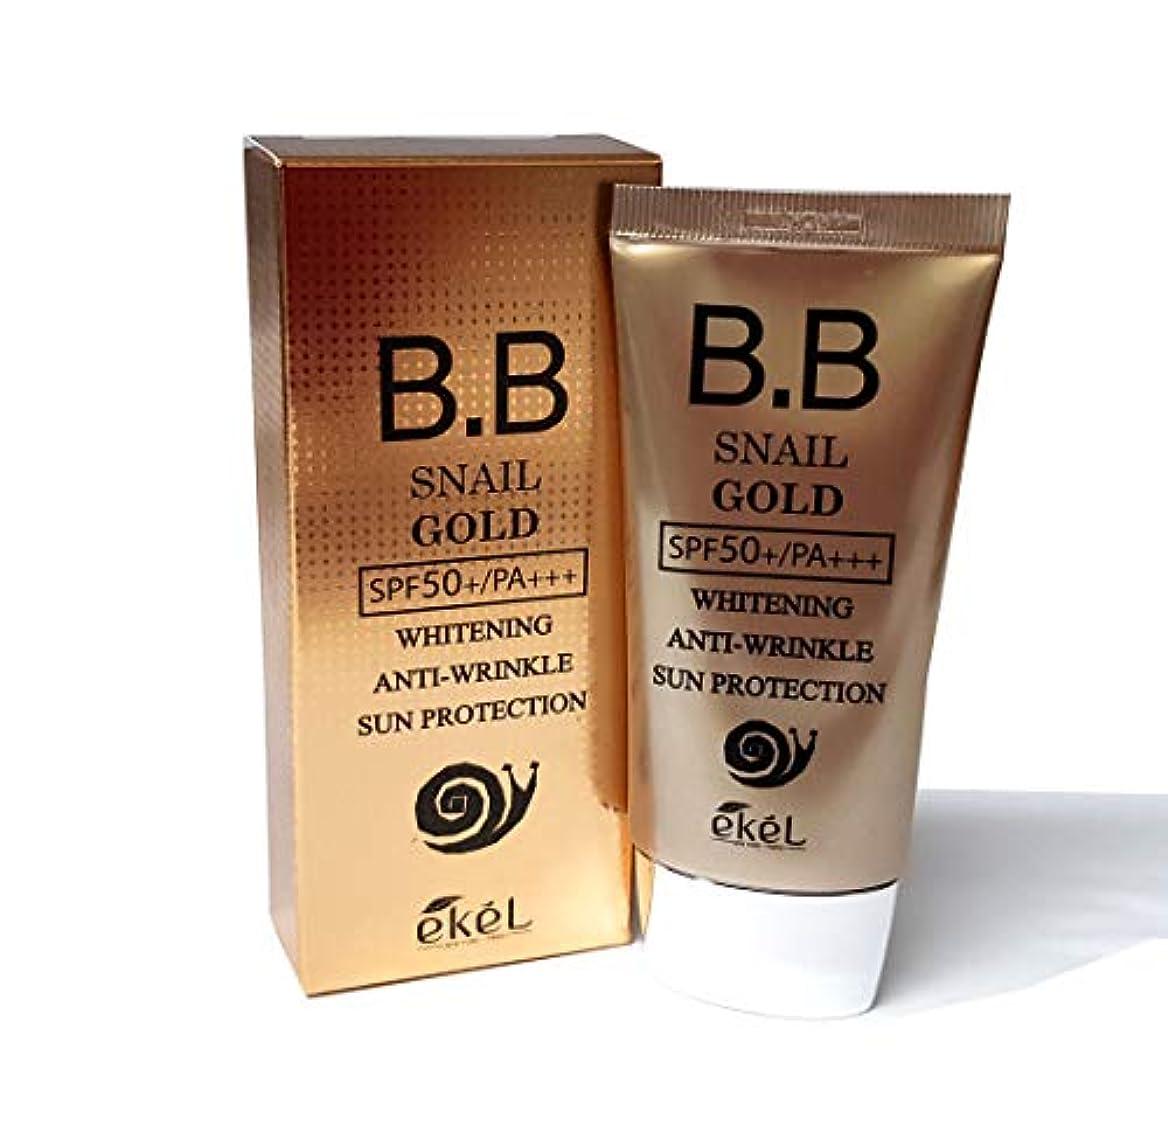 小説家ドールストレス[Ekel] カタツムリゴールドBB 50ml SPF50 + PA +++ / Snail Gold BB 50ml SPF50+PA+++ /ホワイトニング、UVカット/Whitening,UV protection...